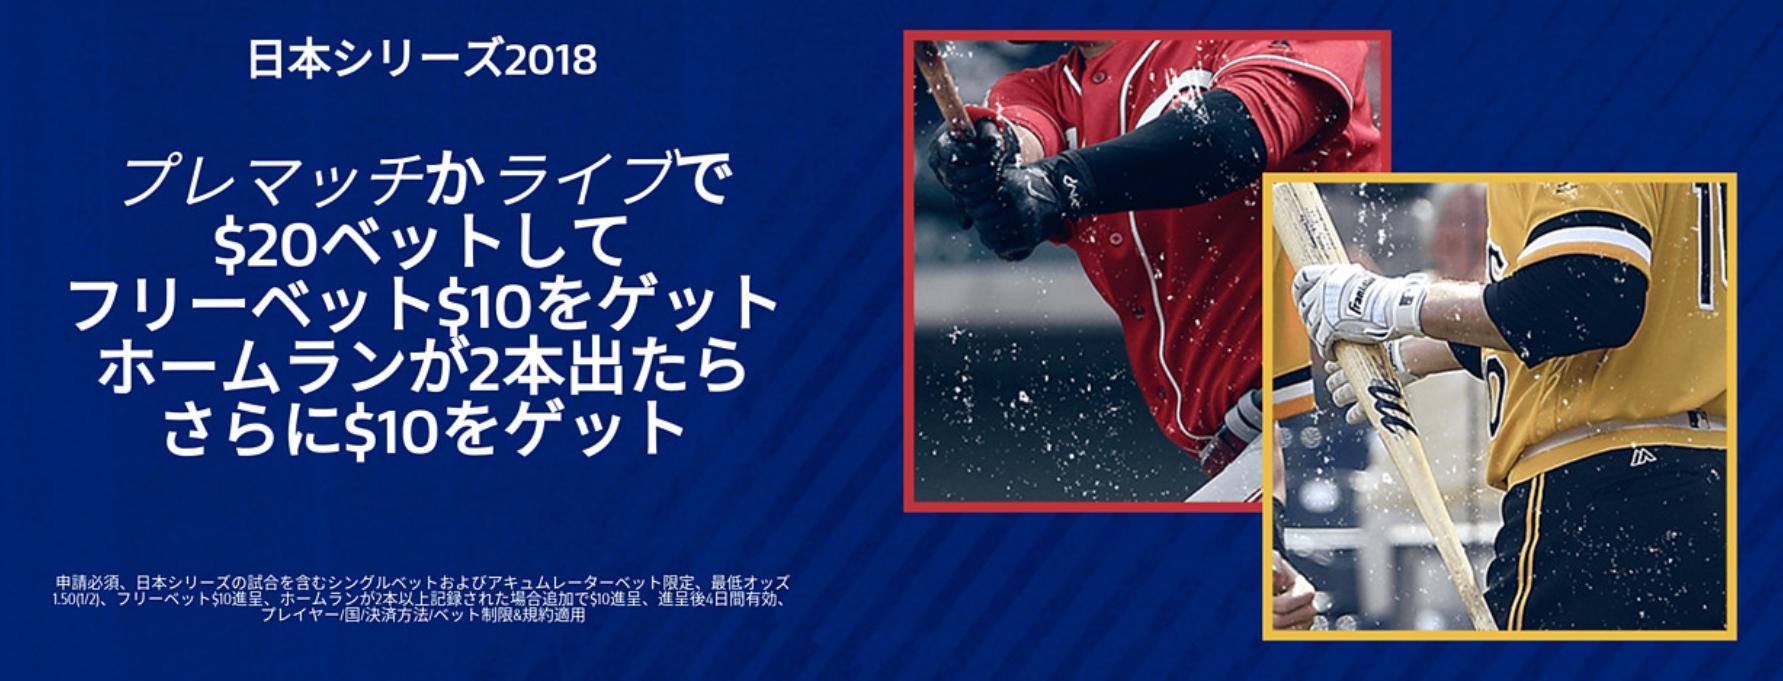 2018日本シリーズウィリアムヒルフリーベットがもらえるキャンペーン!